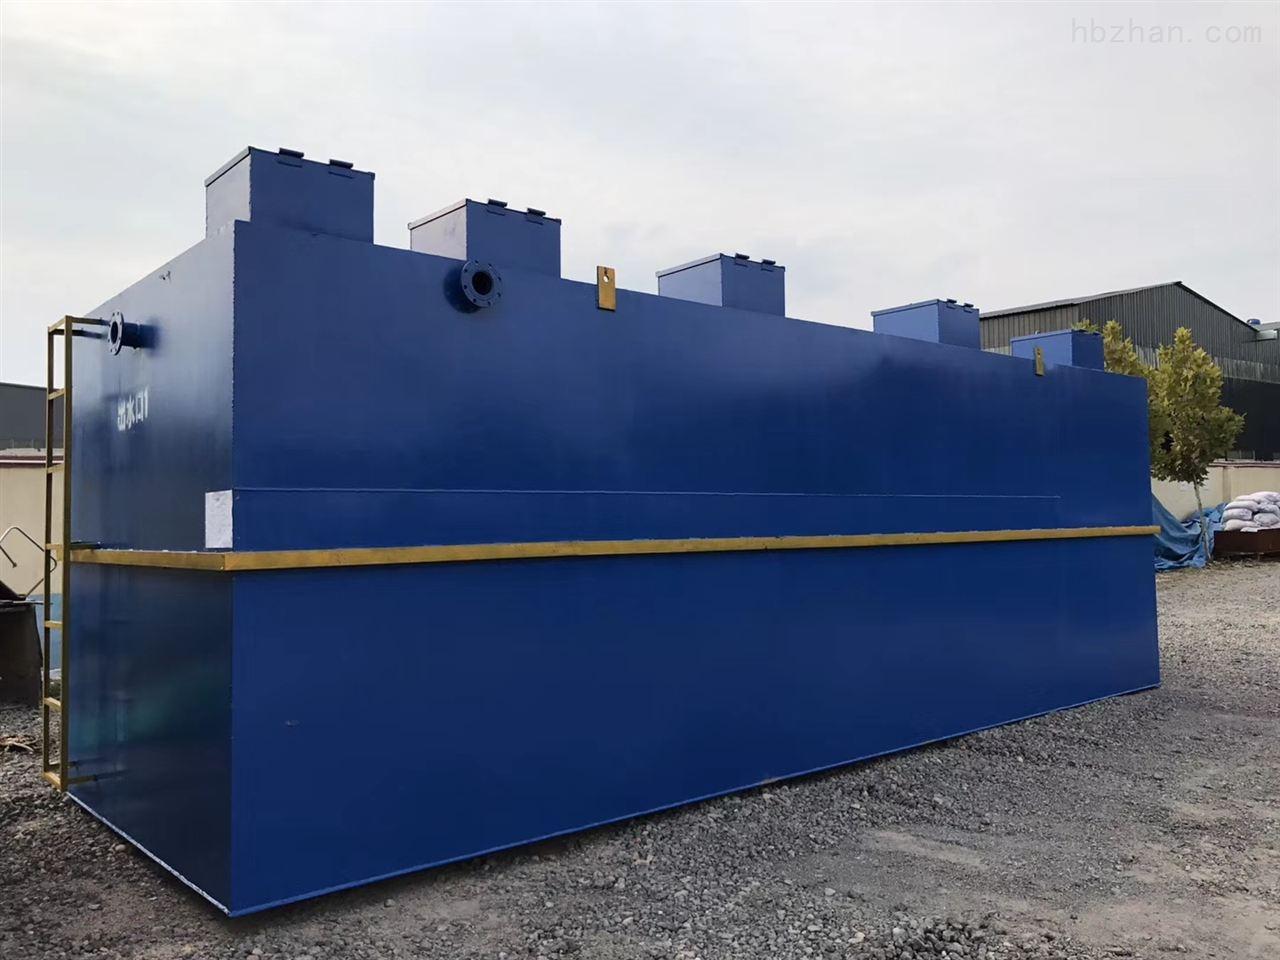 鄂尔多斯酒厂污水处理设备厂家地址